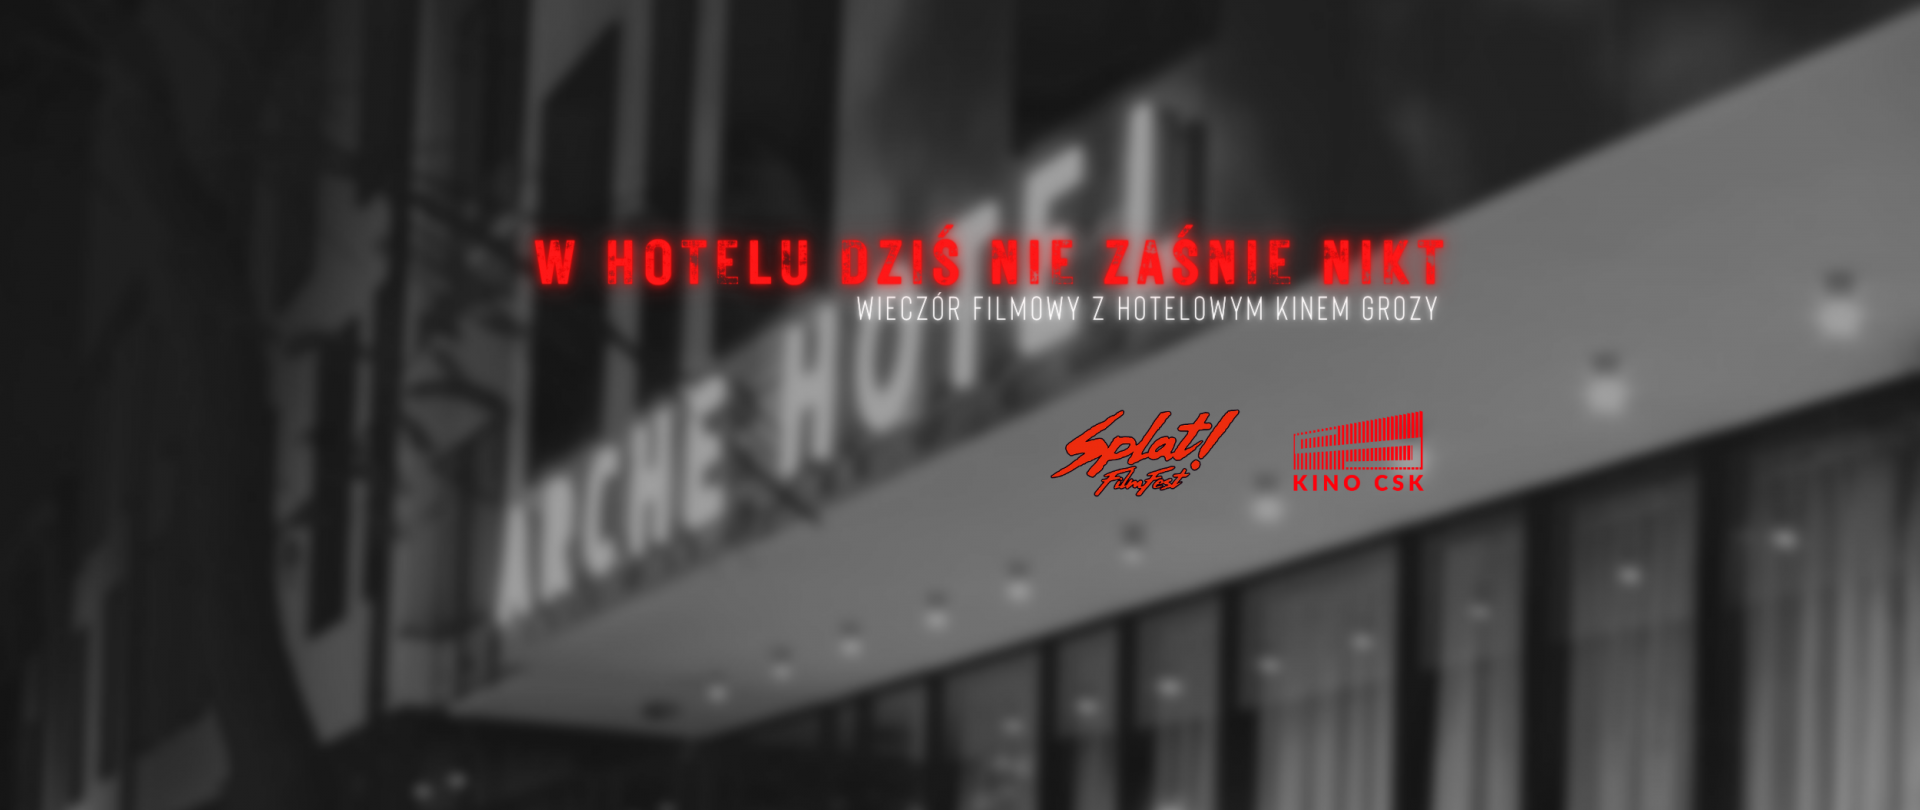 W HOTELU  DZIŚ NIE ZAŚNIE NIKT - WIECZÓR FILMOWY Z HOTELOWYM KINEM GROZY